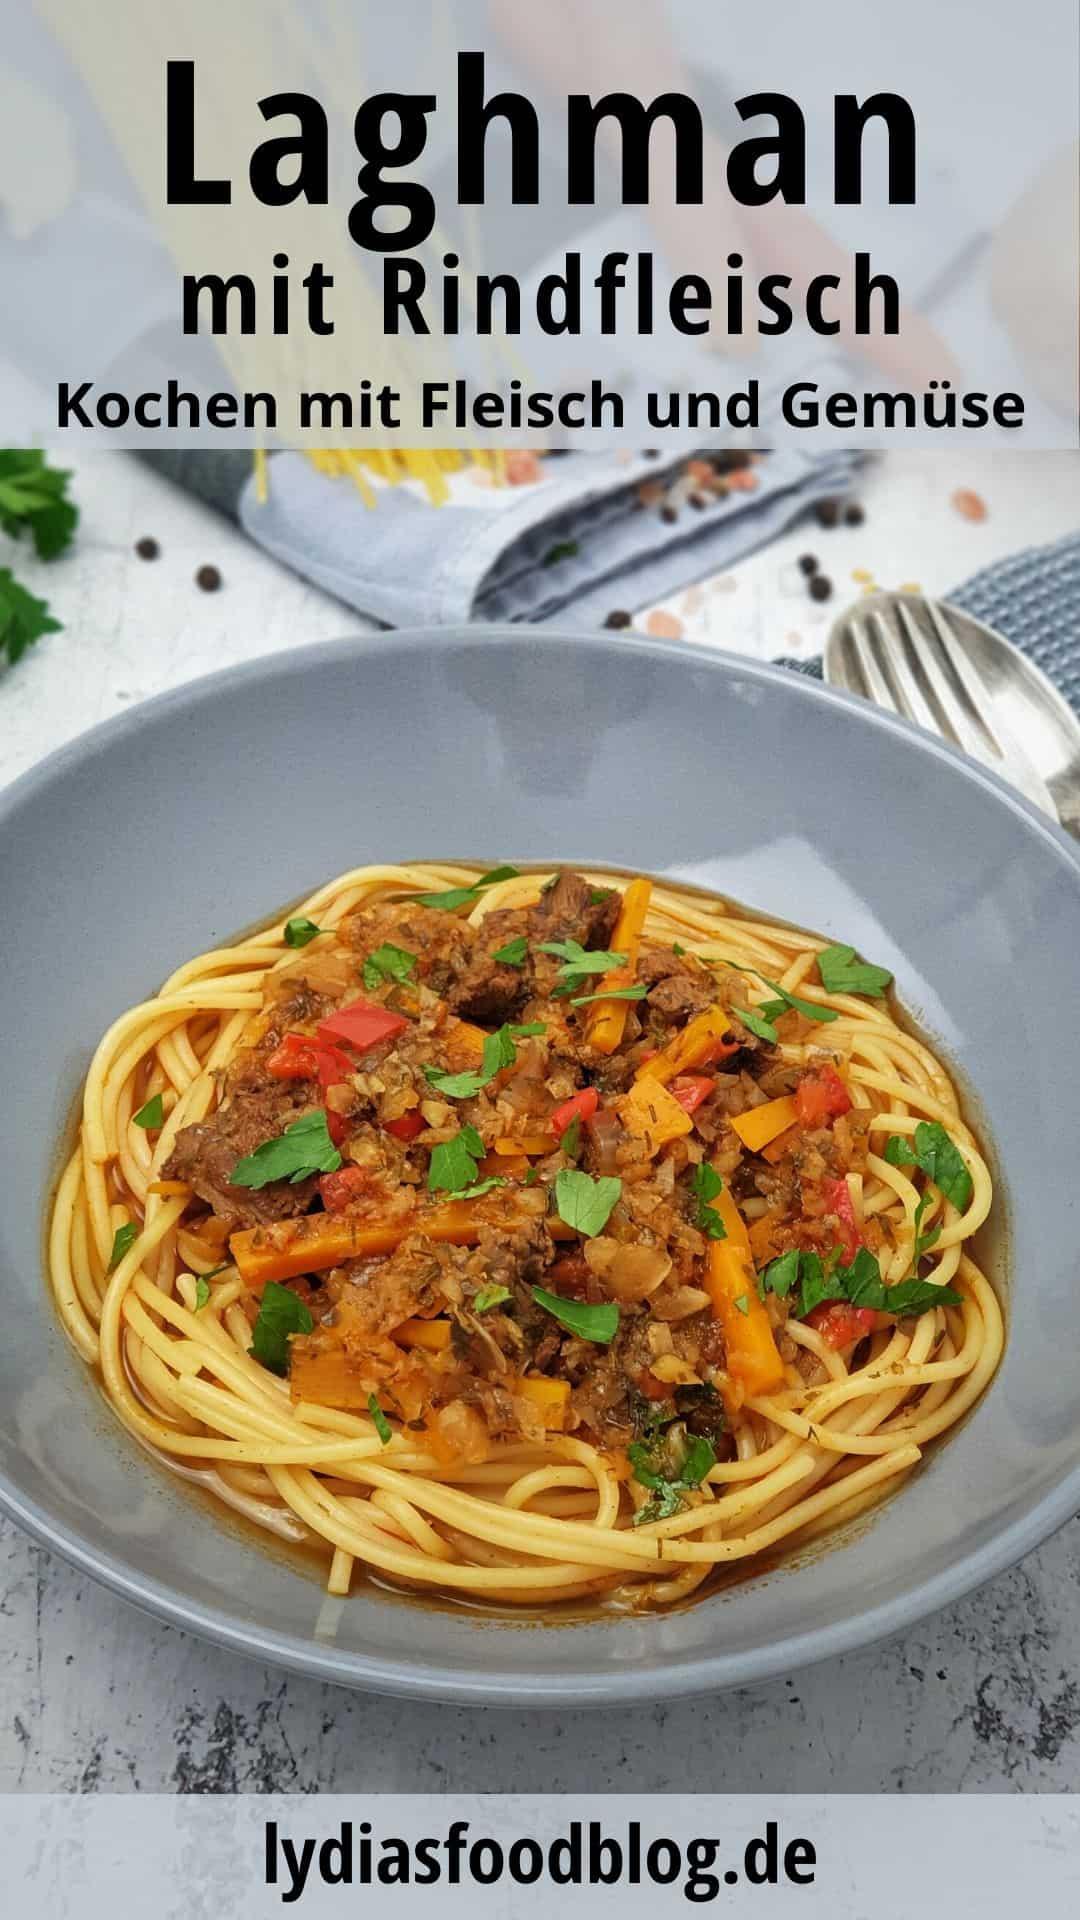 In einer rauen Schale angerichtet Laghman auf Spaghetti. Im Hintergrund Deko.